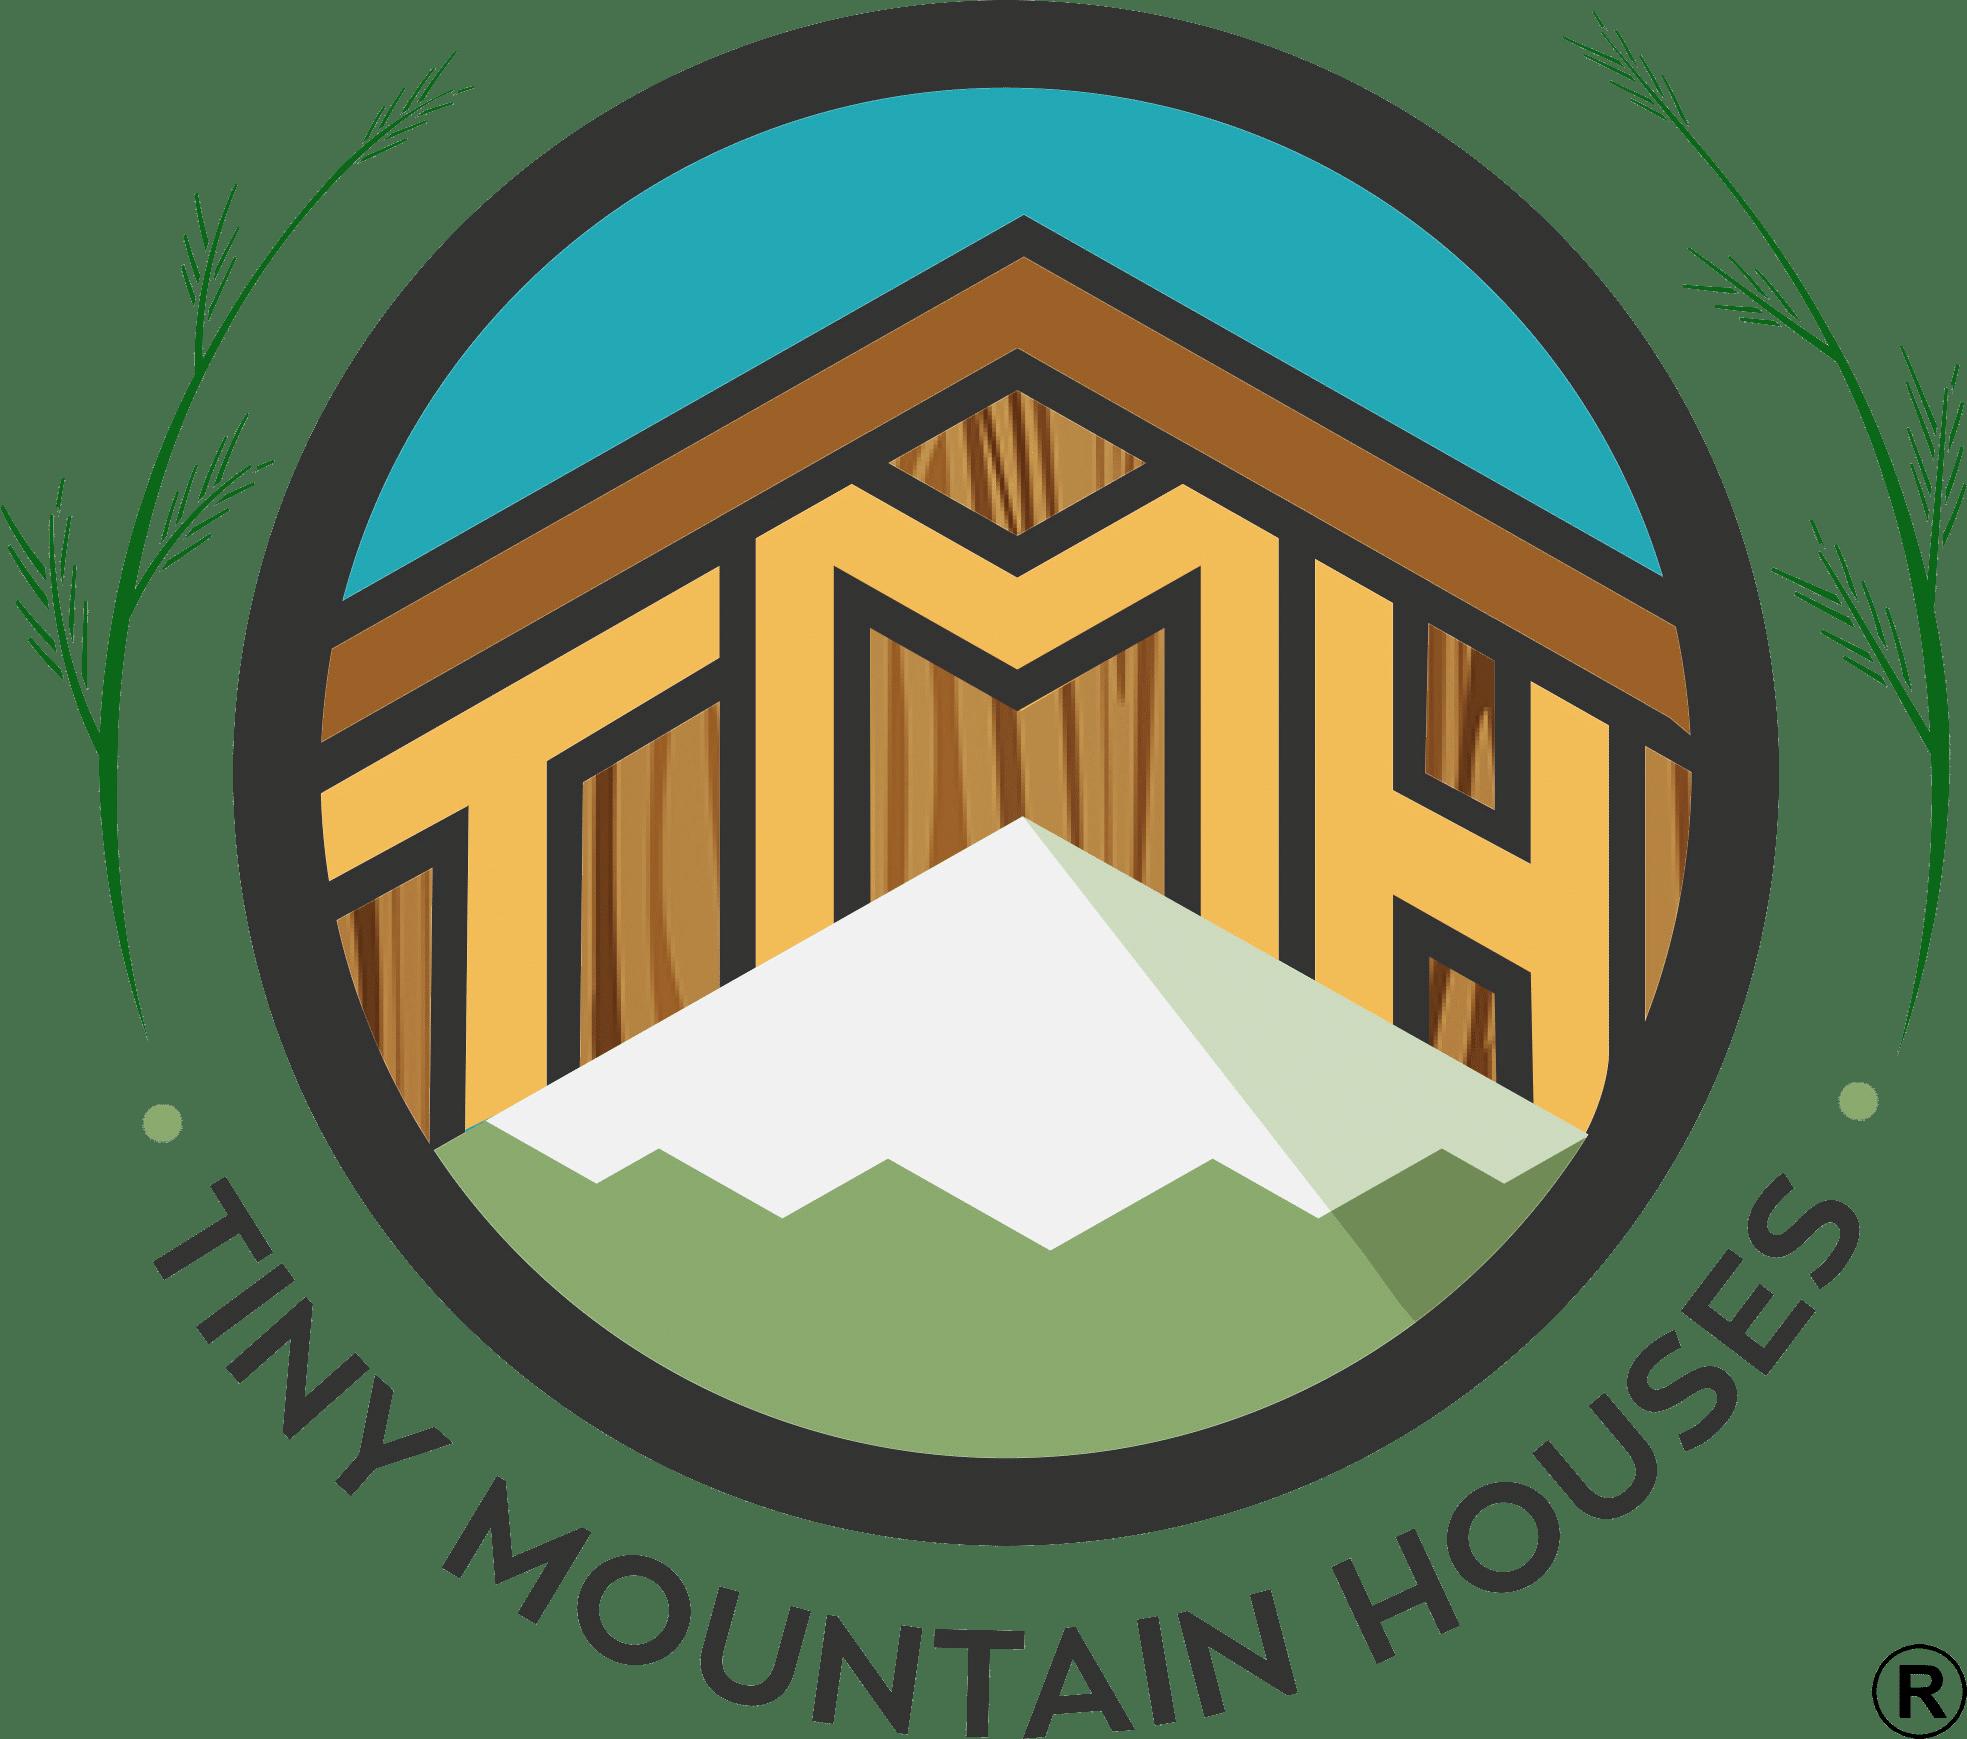 Tiny Mountain Houses | #1 Tiny House Company